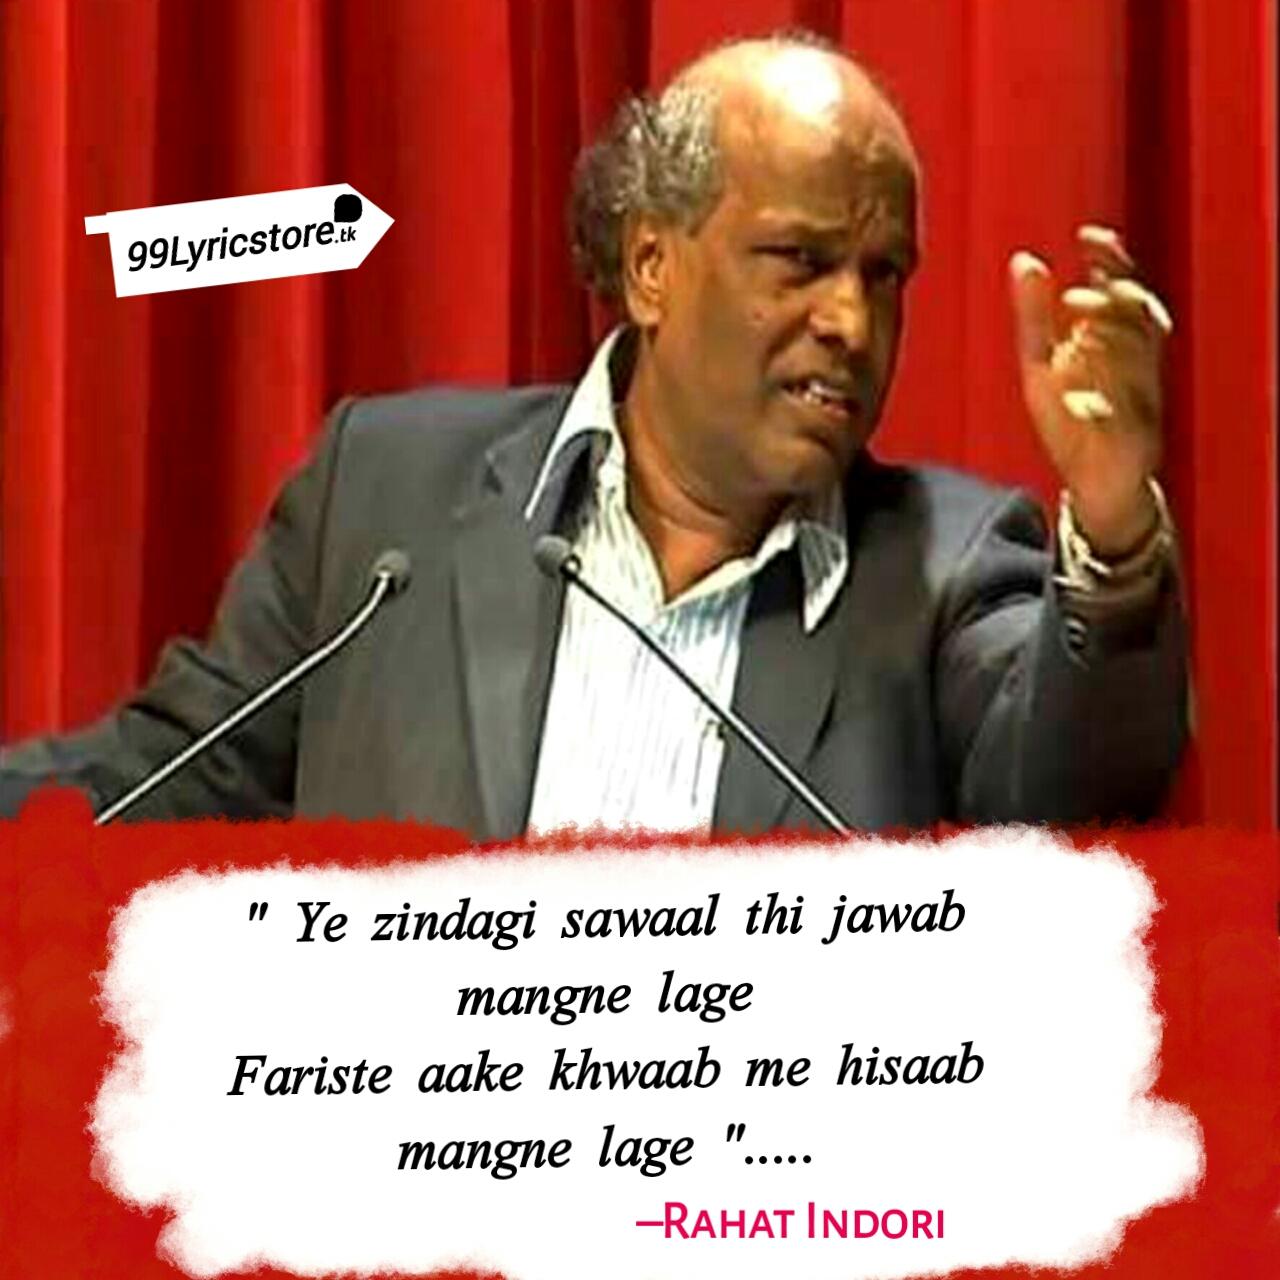 Ye Zindagi Sawaal Thi Jawab Mangne Lage – Rahat Indori | Ghazal Poetry,  Rahat Indori ghazal, rahat indori ghazal lyrics, rahat indori ghazals hindi, rahat indori ghazal in hindi font,  rahat indori ghazal mushaira, rahat indori ghazal in urdu, rahat indori ghazal youtube,  rahat indori ghazal list, rahat indori ghazal in urdu, rahat indori poem in hindi, राहत इंदौरी ग़ज़ल, rahat indori all ghazal in hindi, rahat indori all ghazal, rahat indori ki ghazal,  rahat indori best ghazal, rahat indori ghazal collection,  dr rahat indori ghazal, rahat indori famous ghazal, rahat indori full ghazal, rahat indori ghazal hindi, rahat indori poem hindi, rahat indori ghazal in hindi, राहत इंदौरी ग़ज़ल इन हिंदी, rahat indori ki ghazal in hindi, rahat indori ki ghazal mushaira, rahat indori ki poem, dr rahat indori ki ghazal, a dr rahat indori ka ghazal, rahat indori latest ghazal, rahat indori motivational poem, rahat indori ki ghazal video, rahat indori new ghazal, rahat indori new poem, rahat indori ki new ghazal,  rahat indori romantic ghazal, rahat indori ghazal shayari, rahat indori sahab ka ghazal, राहत इंदौरी ग़ज़ल शायरी, rahat indori urdu ghazal, rahat indori ghazal video, rahat indori poem video, ghazal lyrics by rahat indori, rahat indori ghazal lyrics in hindi, rahat indori sher in hindi,  rahat indori sher in hindi images, rahat indori best shayari in hindi, rahat indori shayri, rahat indori shayari in hindi, rahat indori sher, rahat indori status, rahat indori poetry, rahat indori ghazal, rahat indori quotes, rahat indori shayar, rahat indori shayri image, rahat indori youtube, rahat indori ki shayariya, rahat indori ke sher, rahat indori sahab, rahat indori lyrics, rahat indori shayari video, राहत इंदौरी, rahat indori all india mushaira, rahat indori aasman laye ho, rahat indori all ghazal in hindi, rahat indori aisi sardi hai, rahat indori mushaira, rahat indori aasman thodi hai, rahat indori amrood pak rahe honge, rahat indori agar khilaf hai, rahat indori best,  